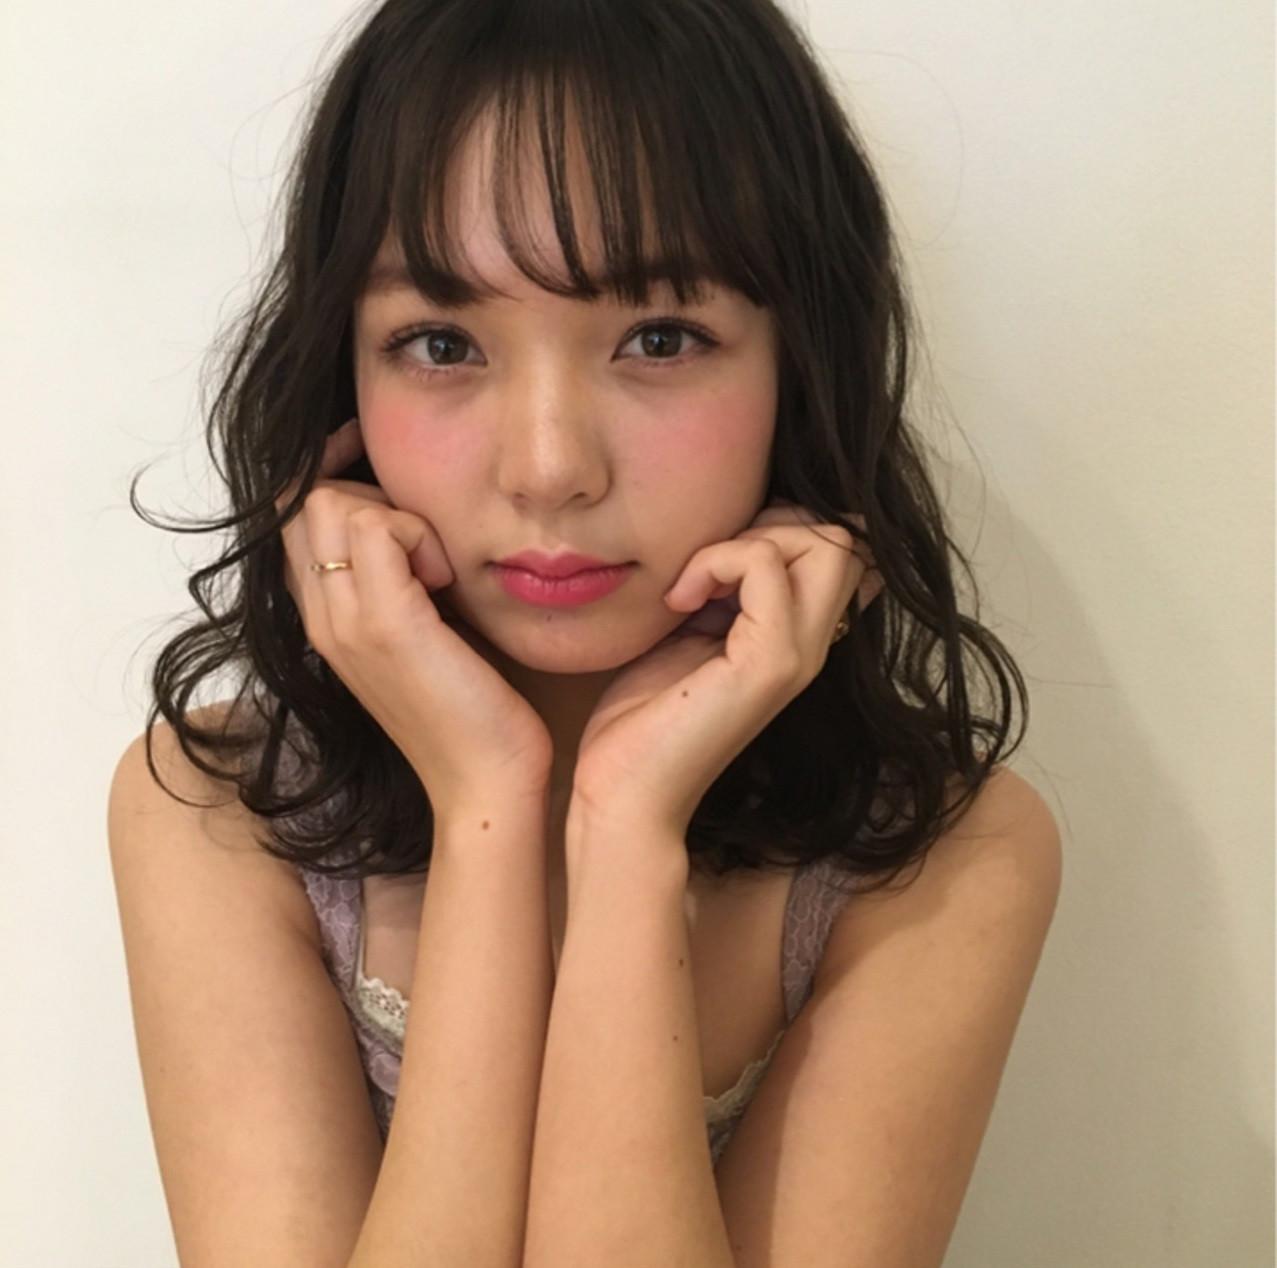 ミディアム ガーリー デート デジタルパーマ ヘアスタイルや髪型の写真・画像